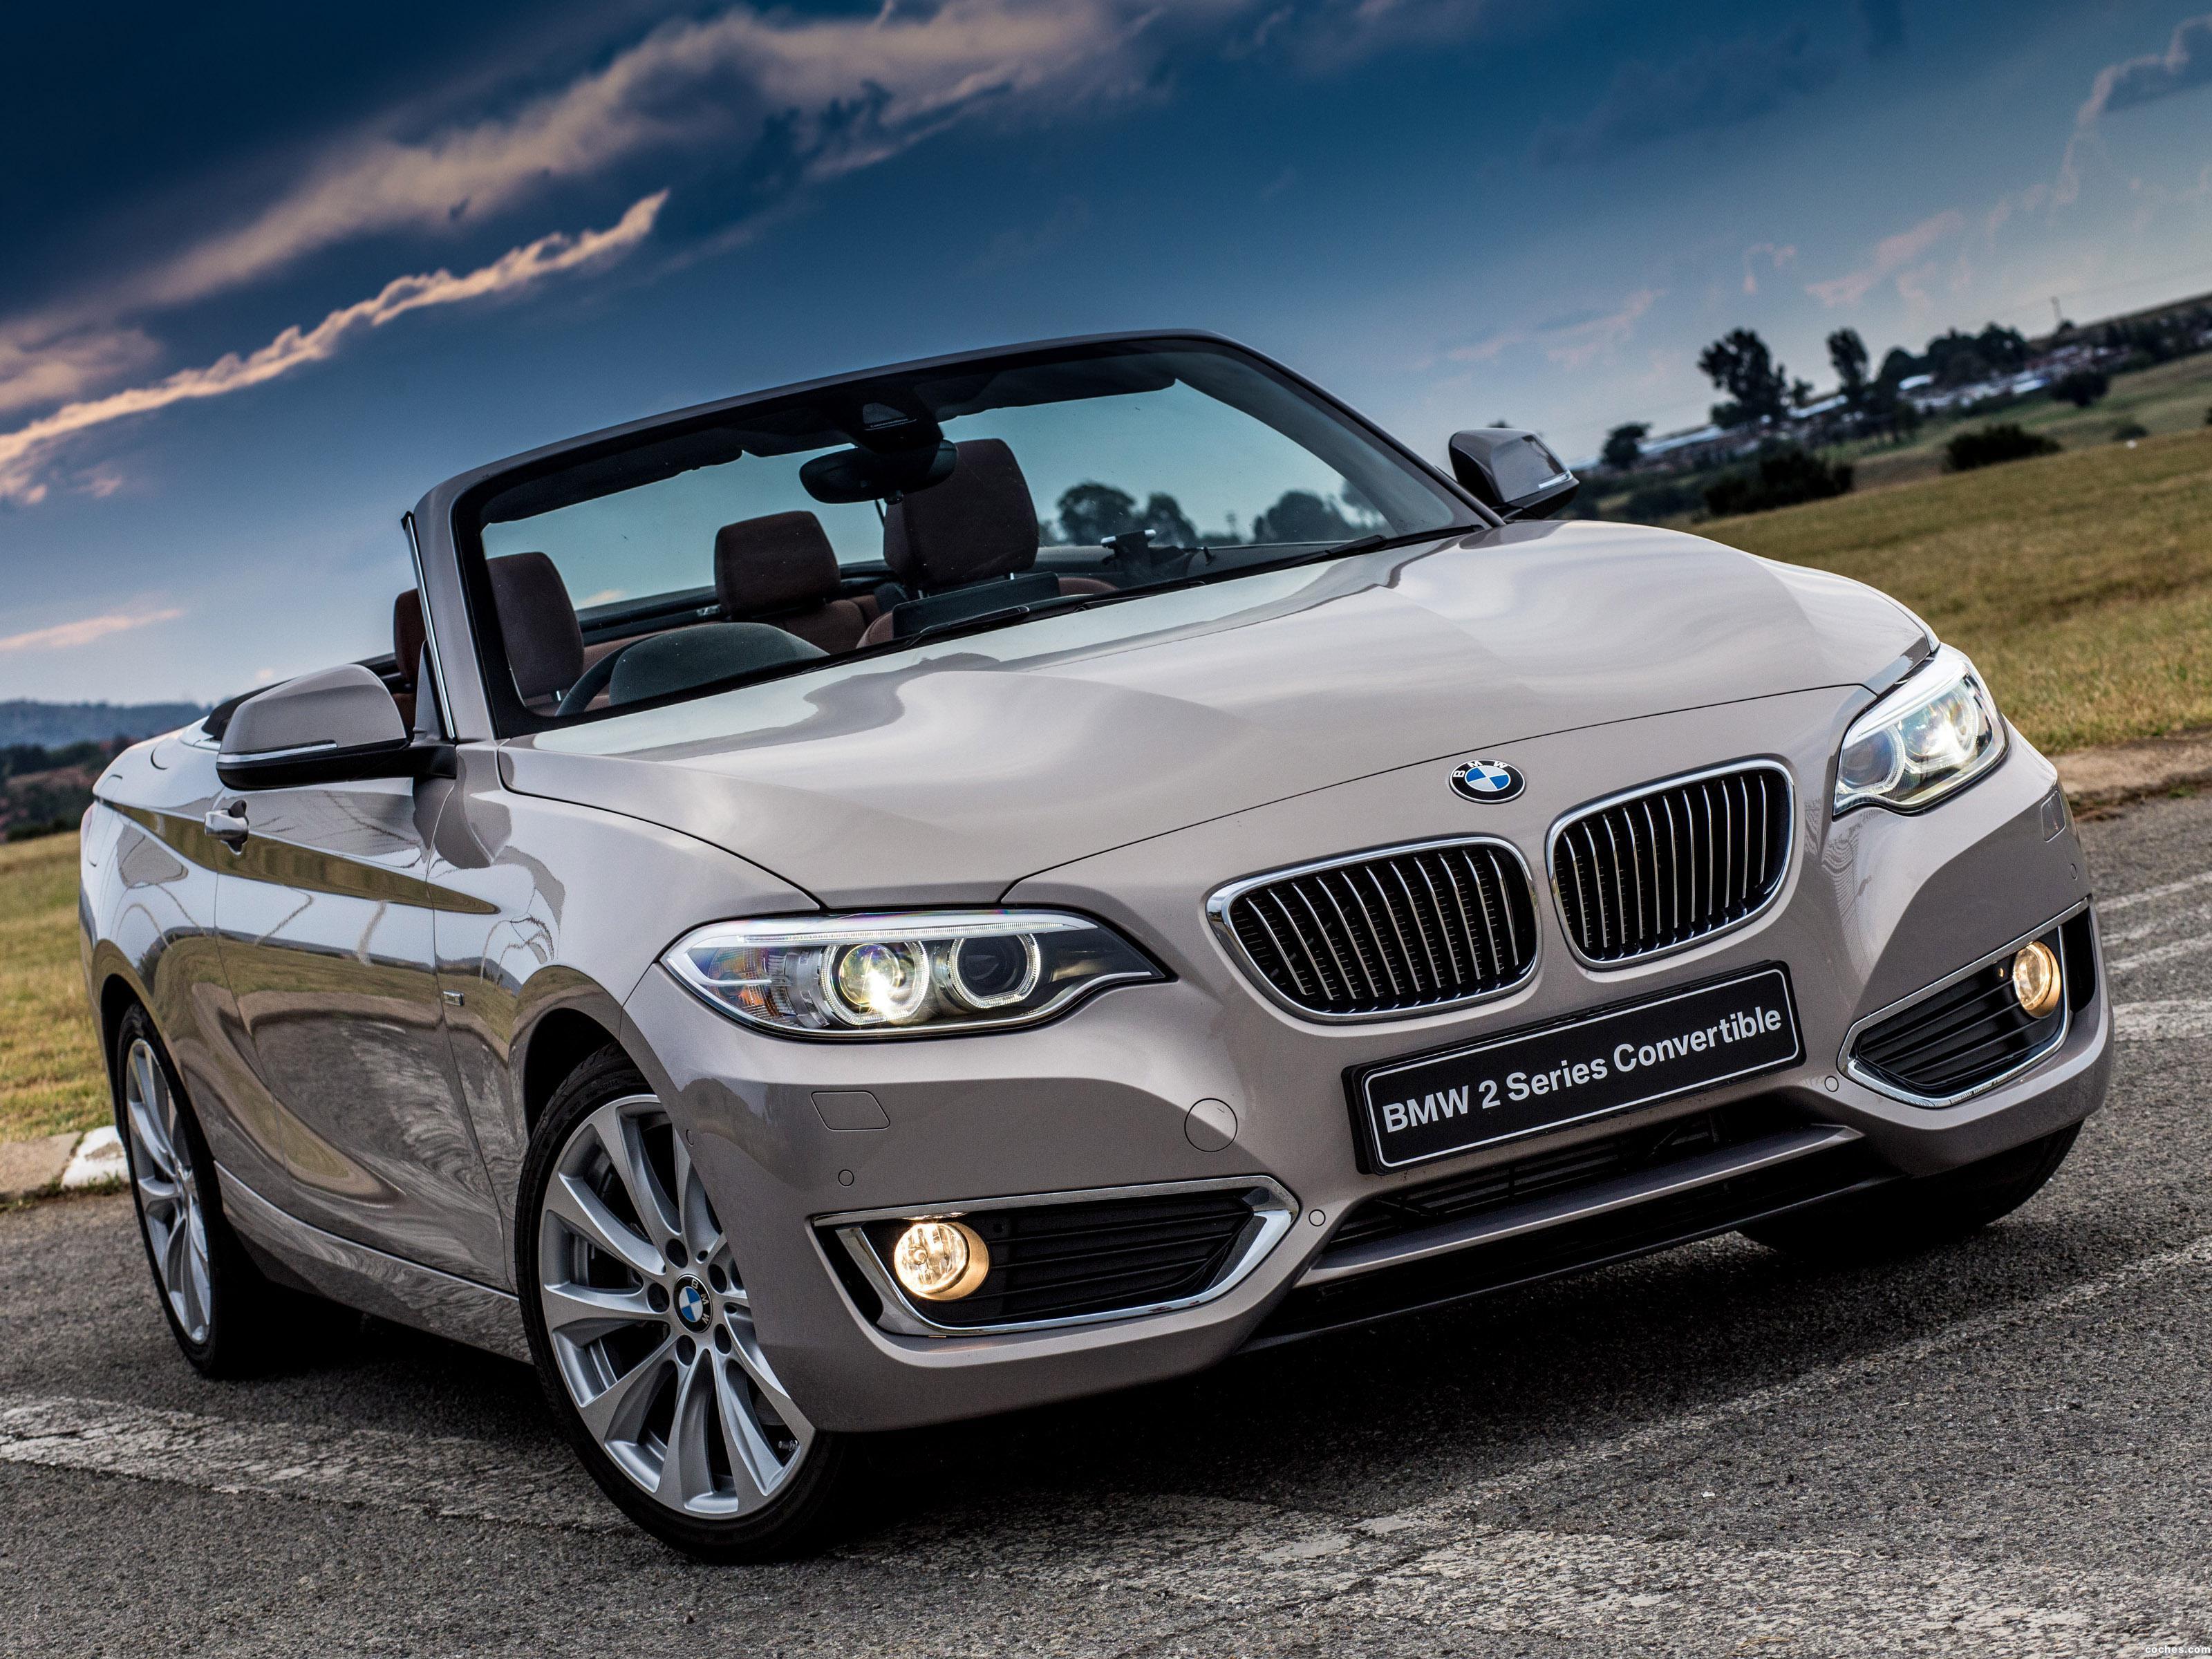 Foto 0 de BMW Serie 2 Cabrio 228i Luxury Line F23 2015